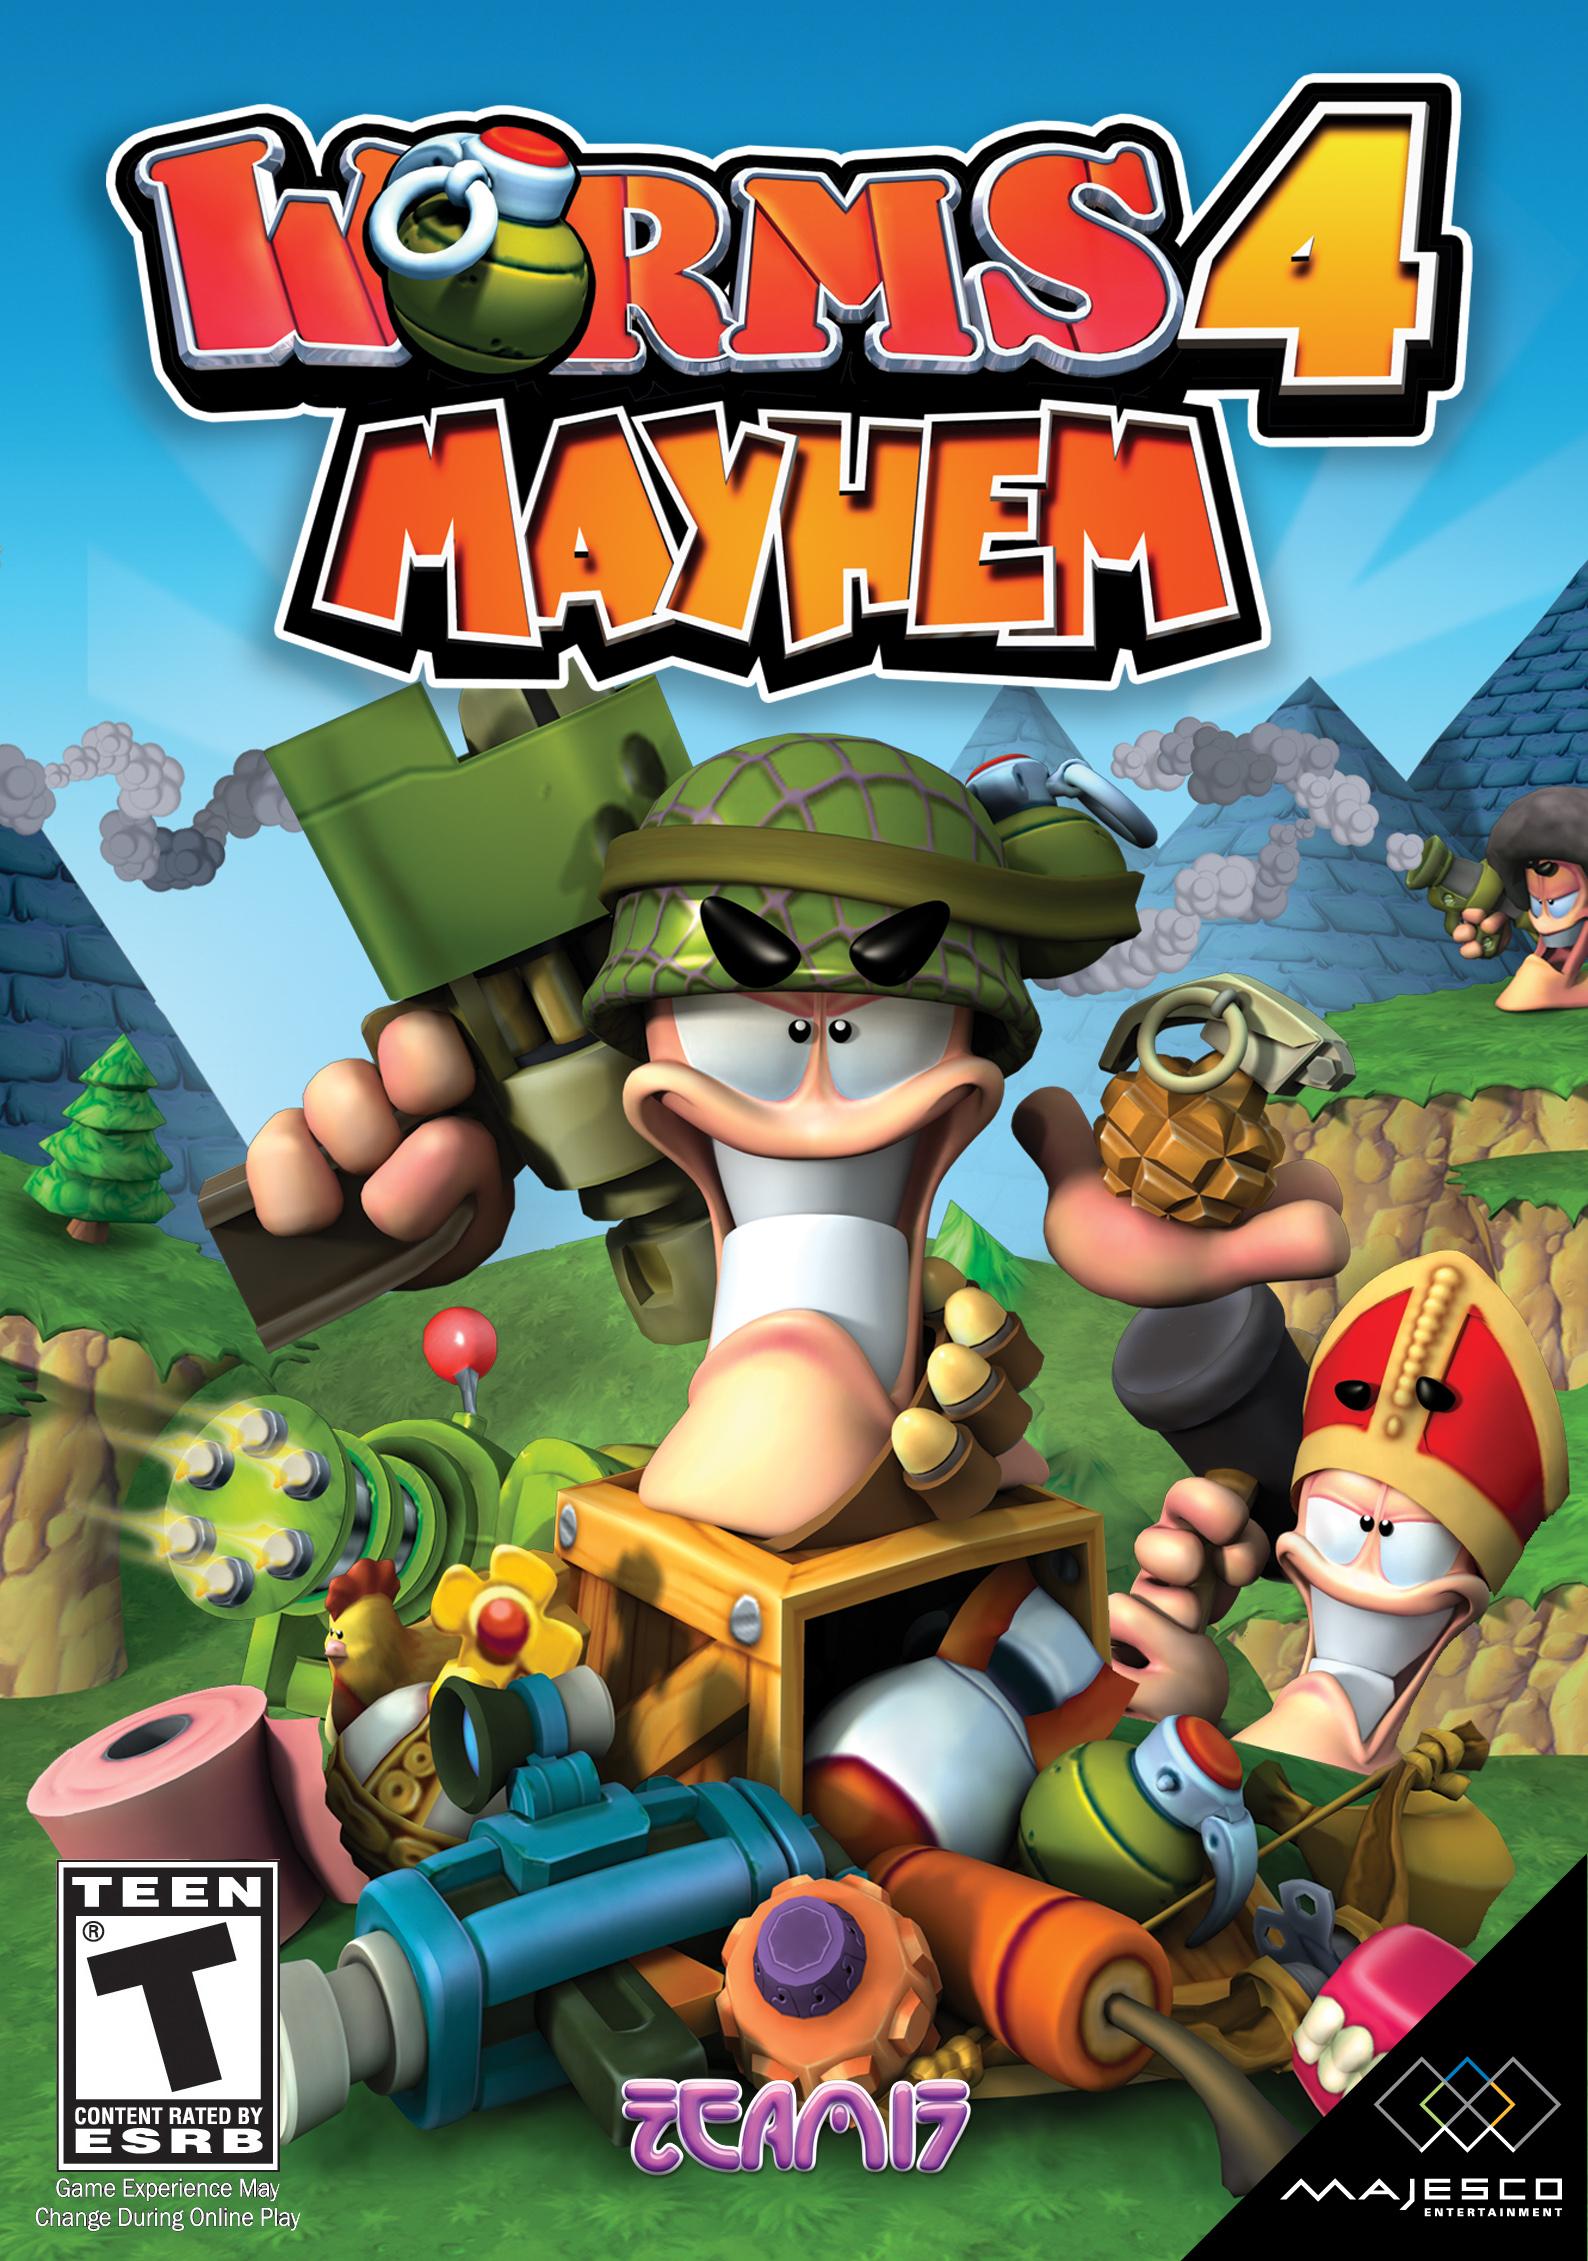 Worms mayhem скачать торрент 2005 для пк